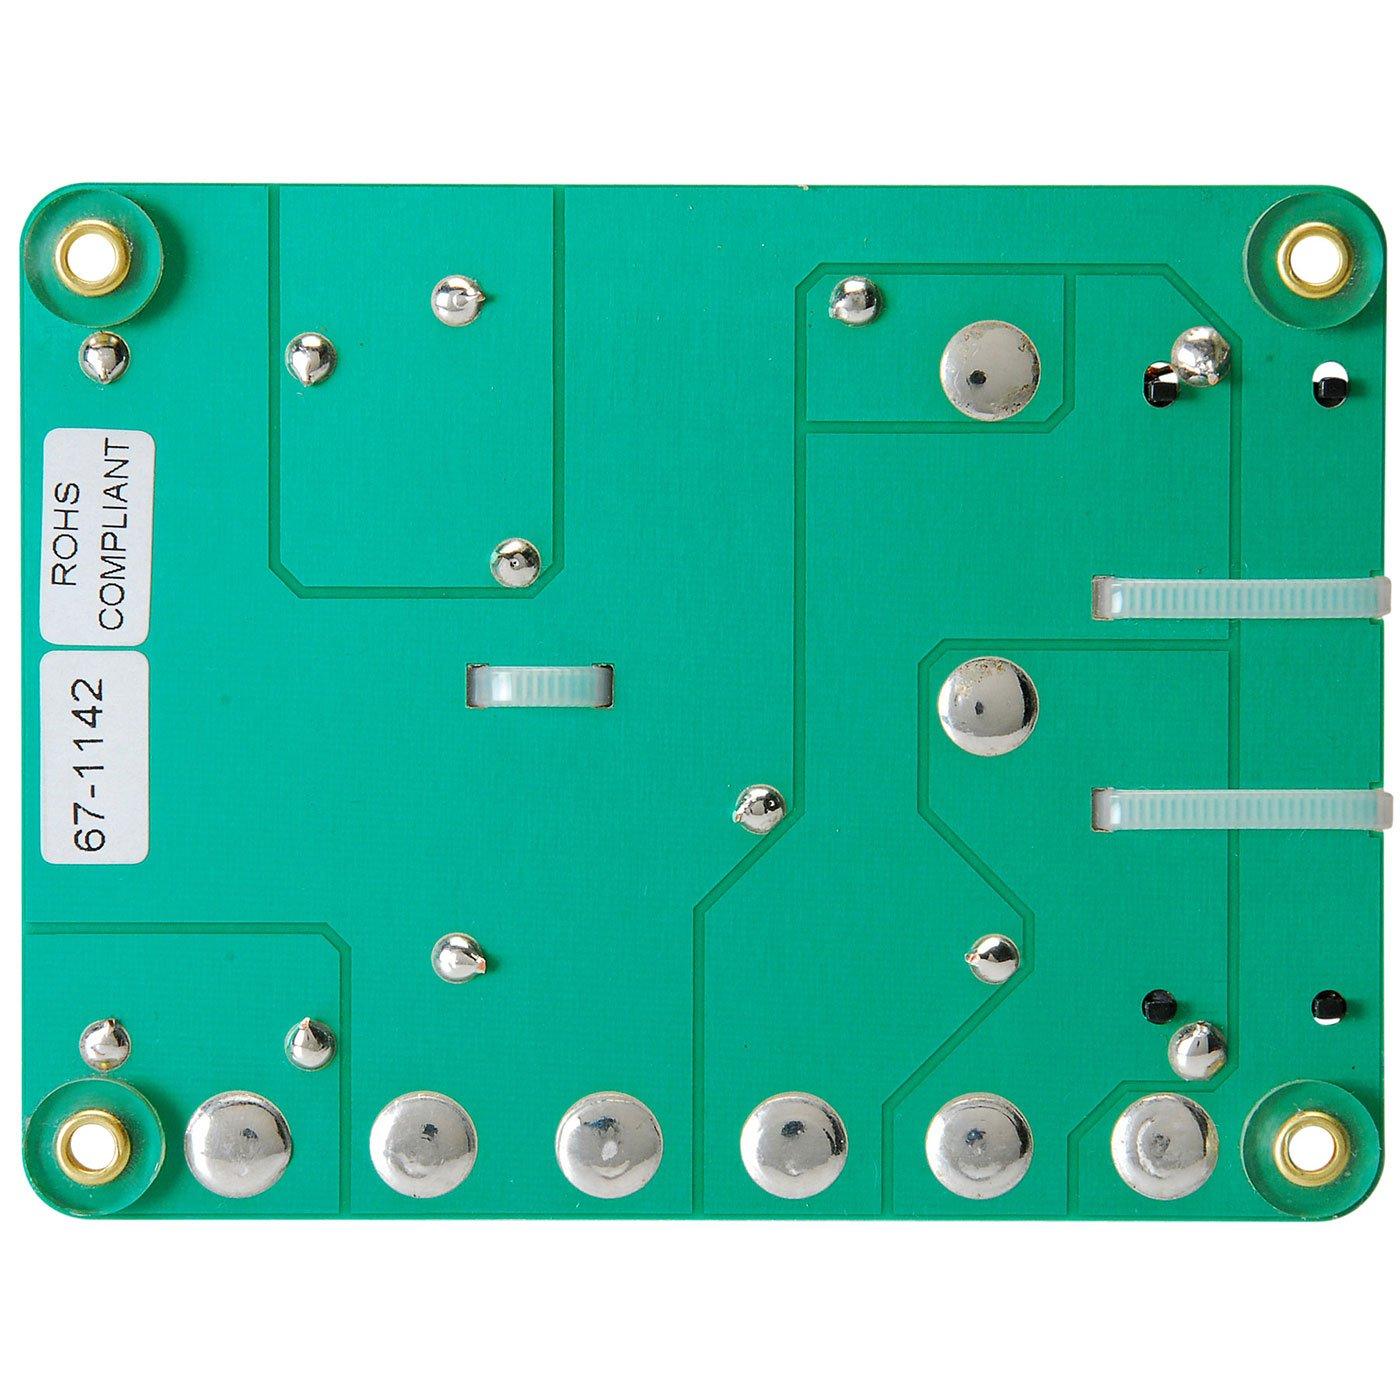 Active Crossover Wiring Diagram Active Circuit Diagrams